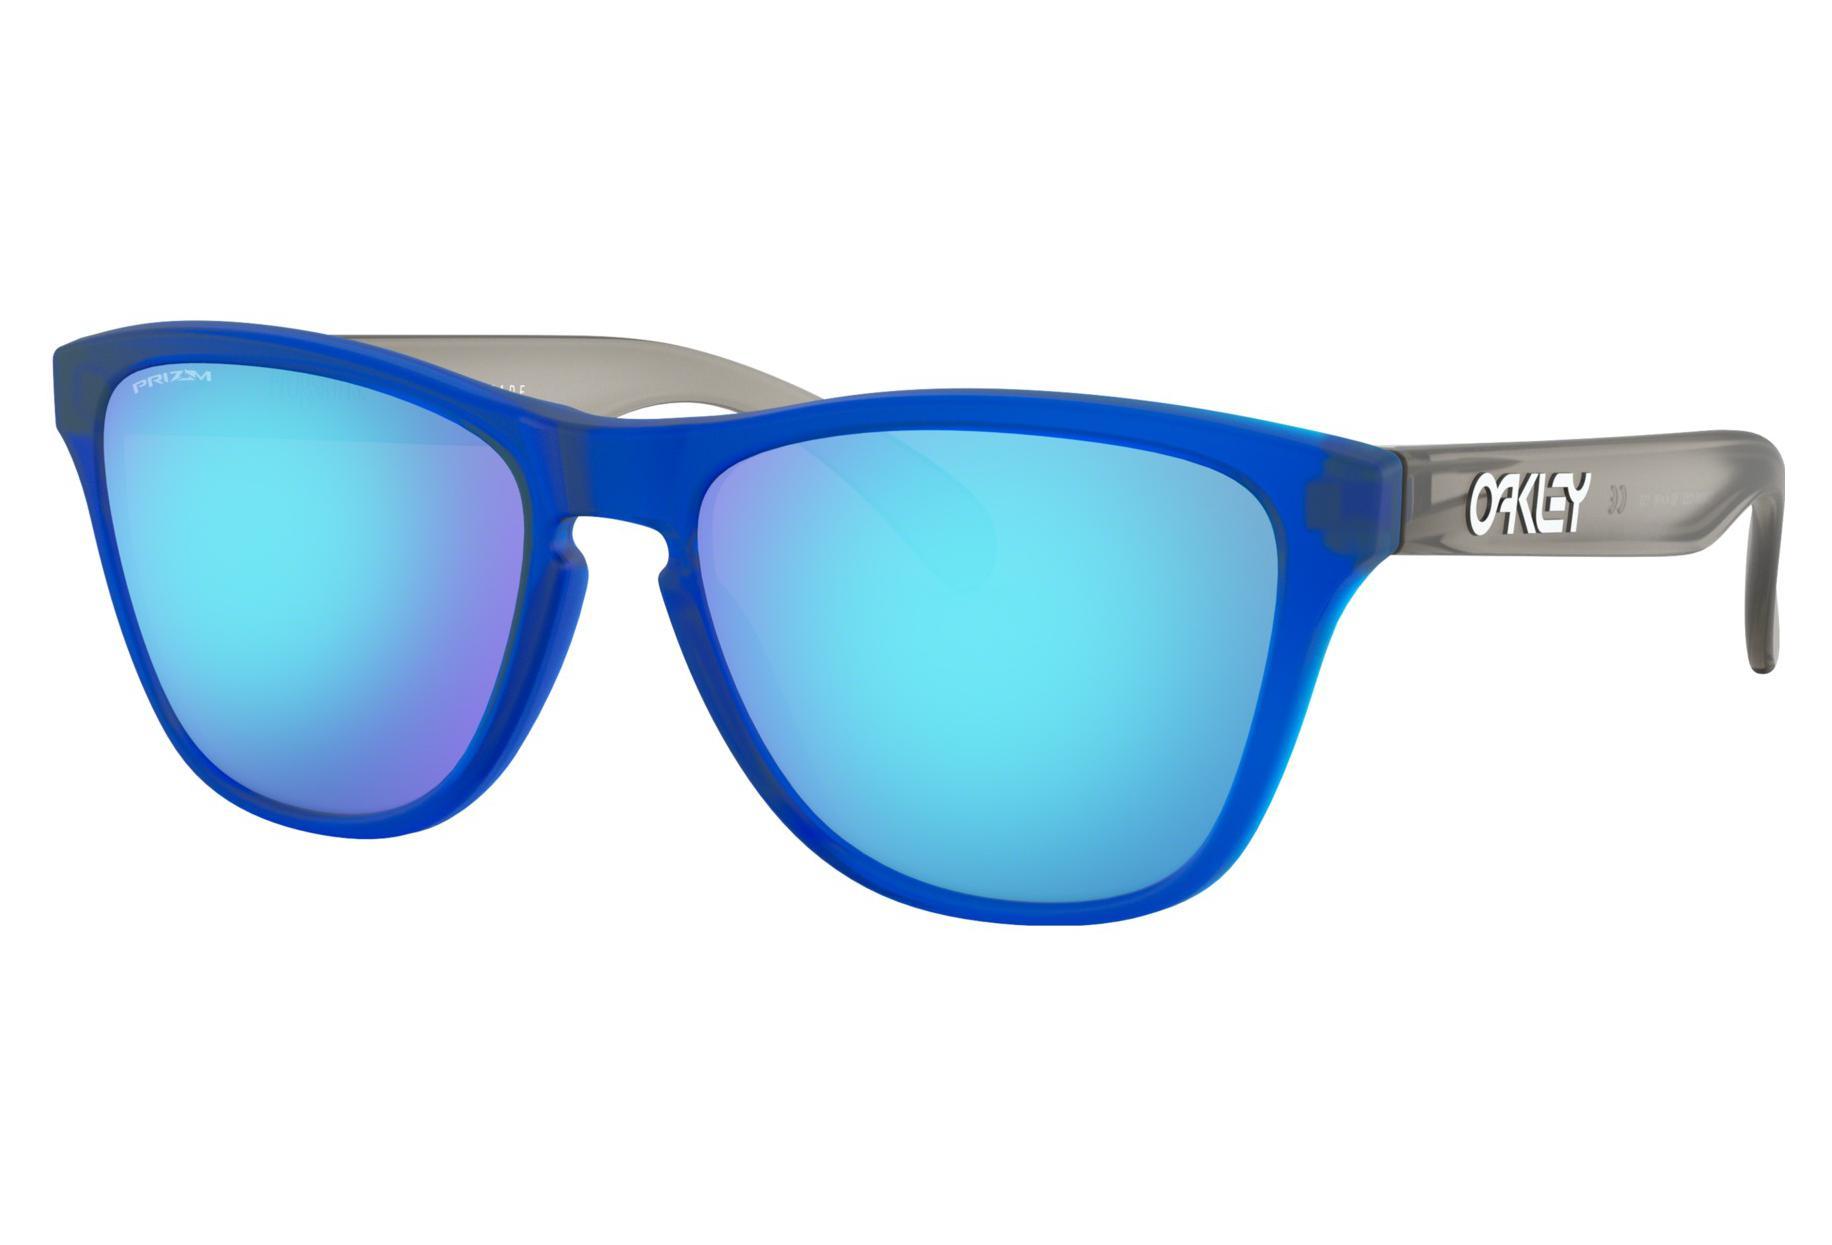 7c9a09670e8 Oakley Sunglasses Frogskins XS   Matte Translucent Sapphire   Prizm  Sapphire   Ref. OJ9006-1253